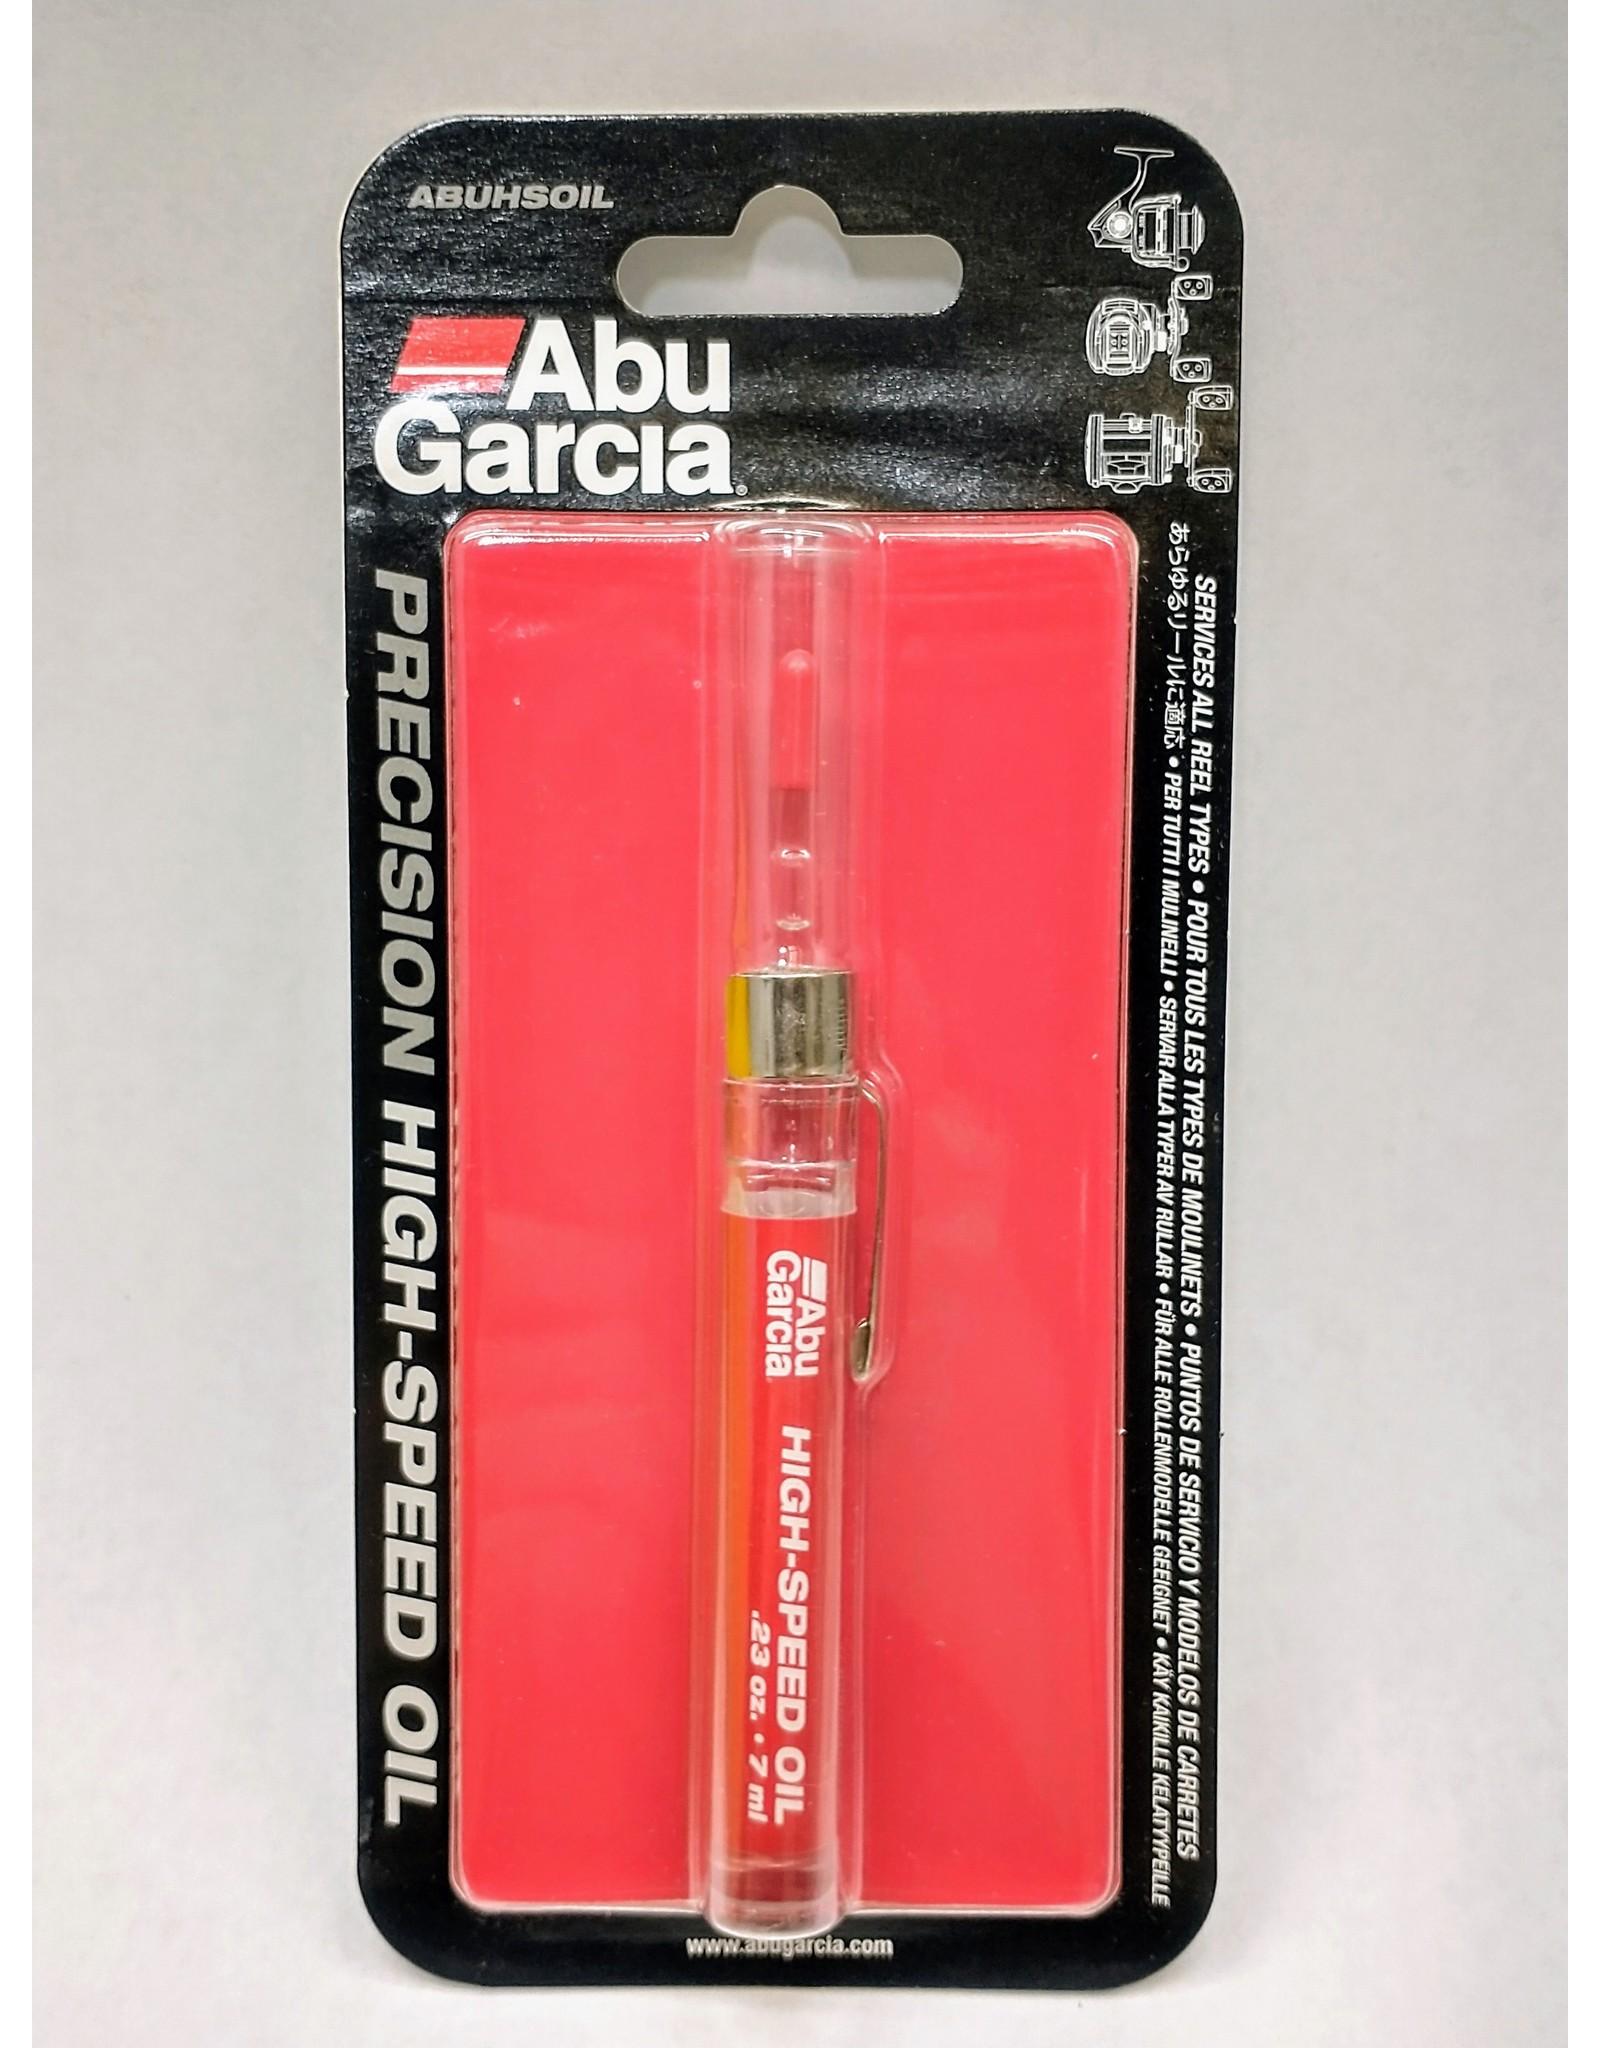 Abu Garcia ABU GARCIA HIGH-SPEED OIL